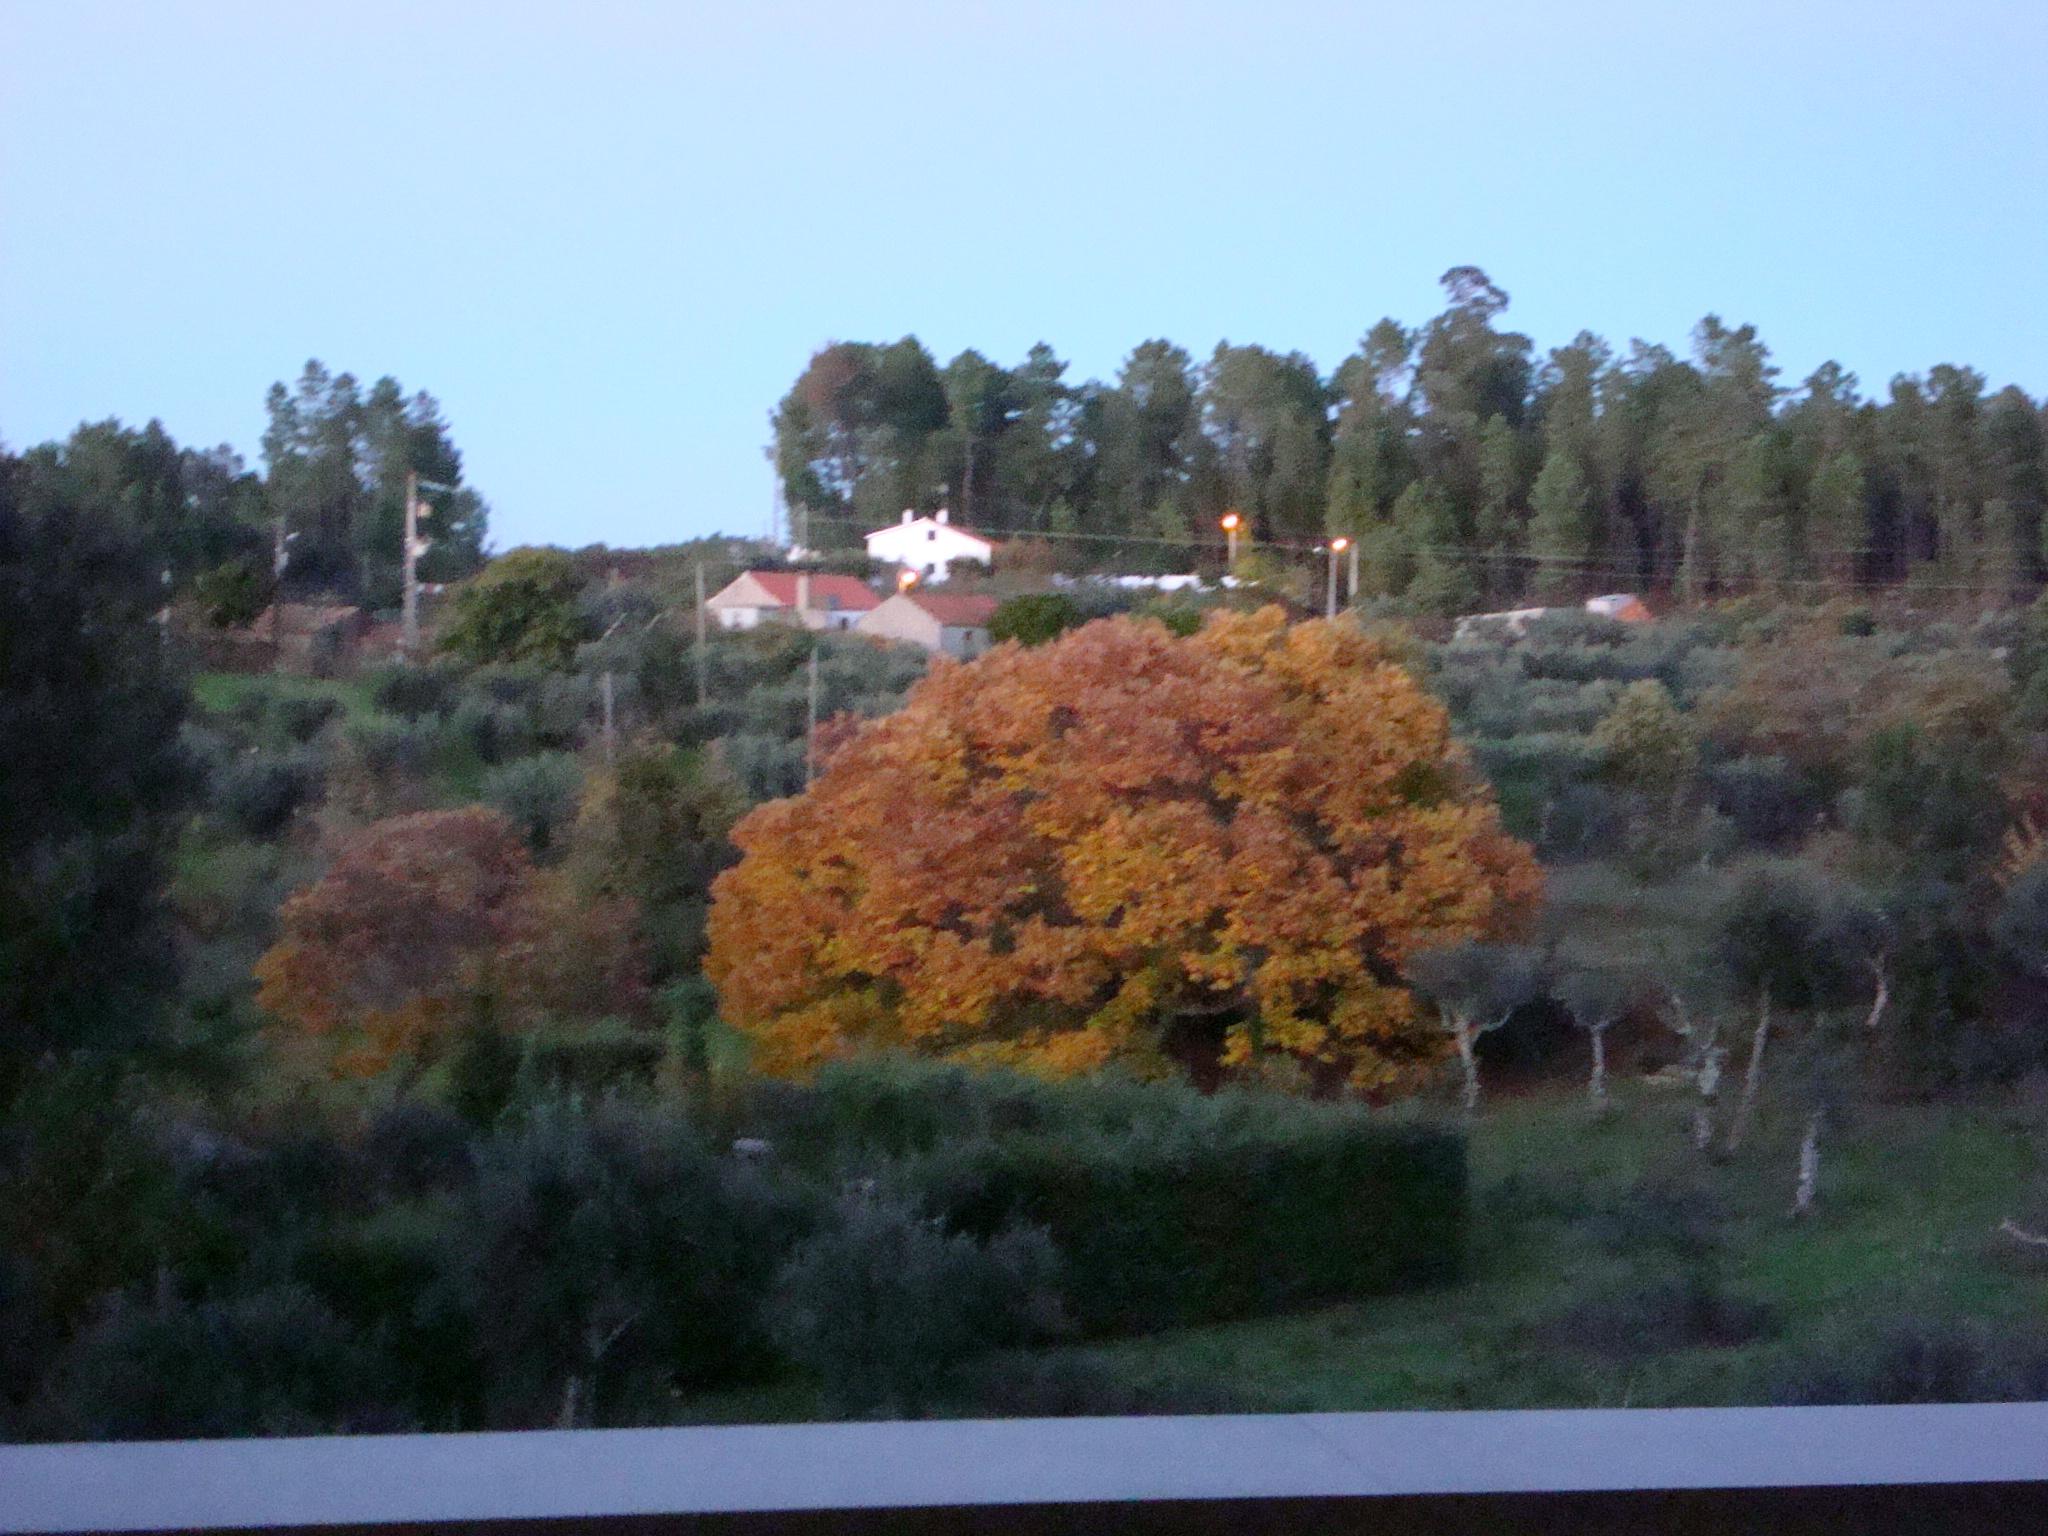 THE CHESTNUT TREE IN NOVEMBER